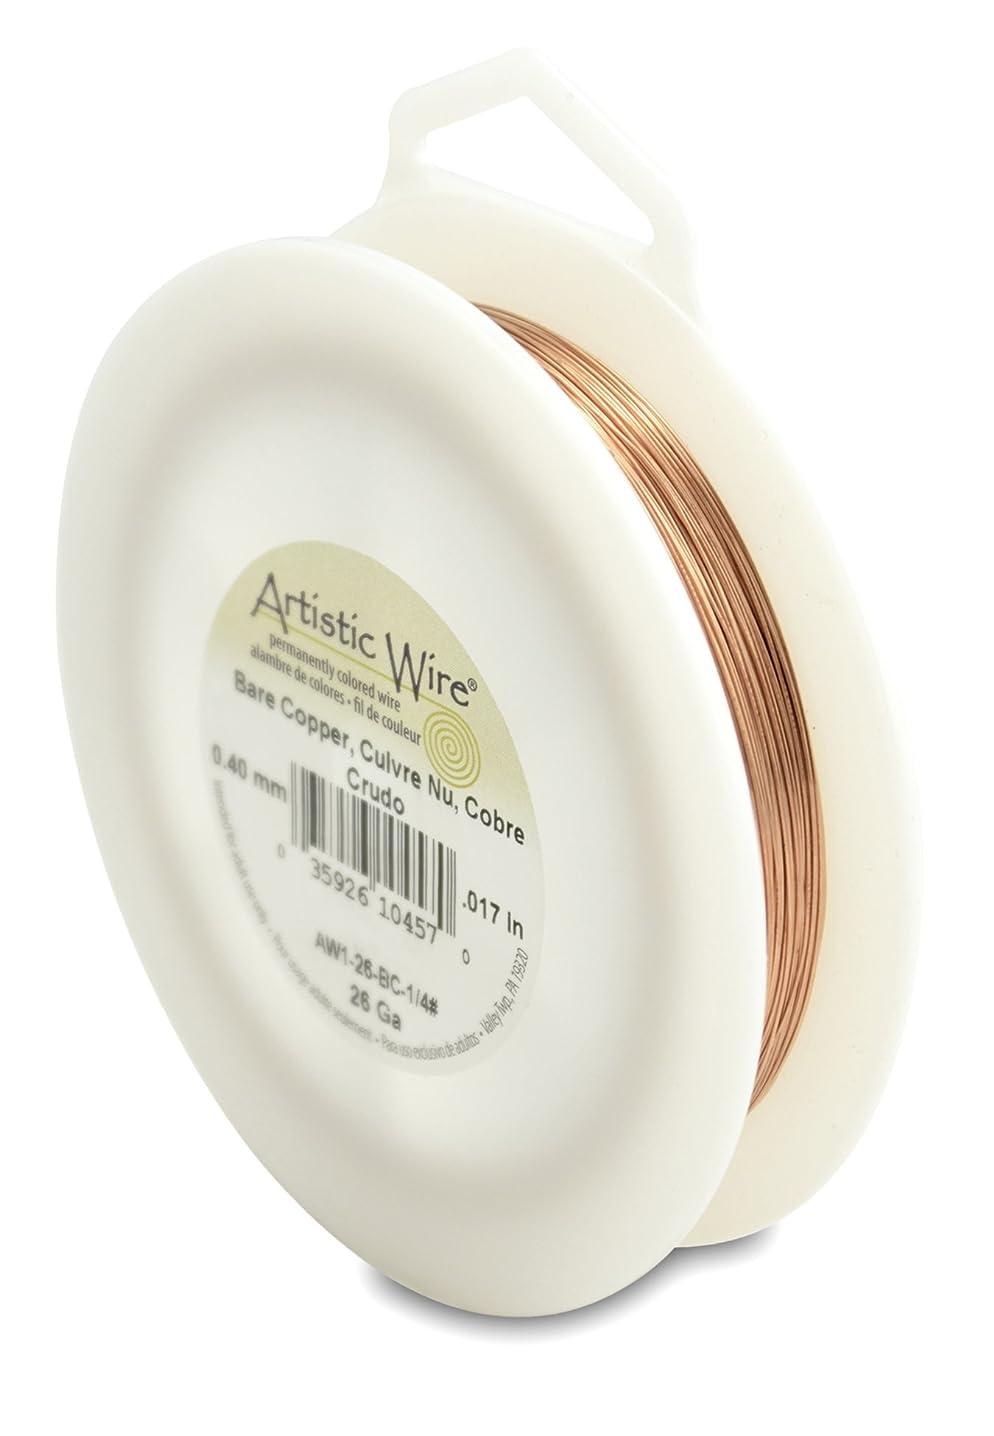 Artistic Wire 26-Gauge Bare Copper Wire, 1/4-Pound